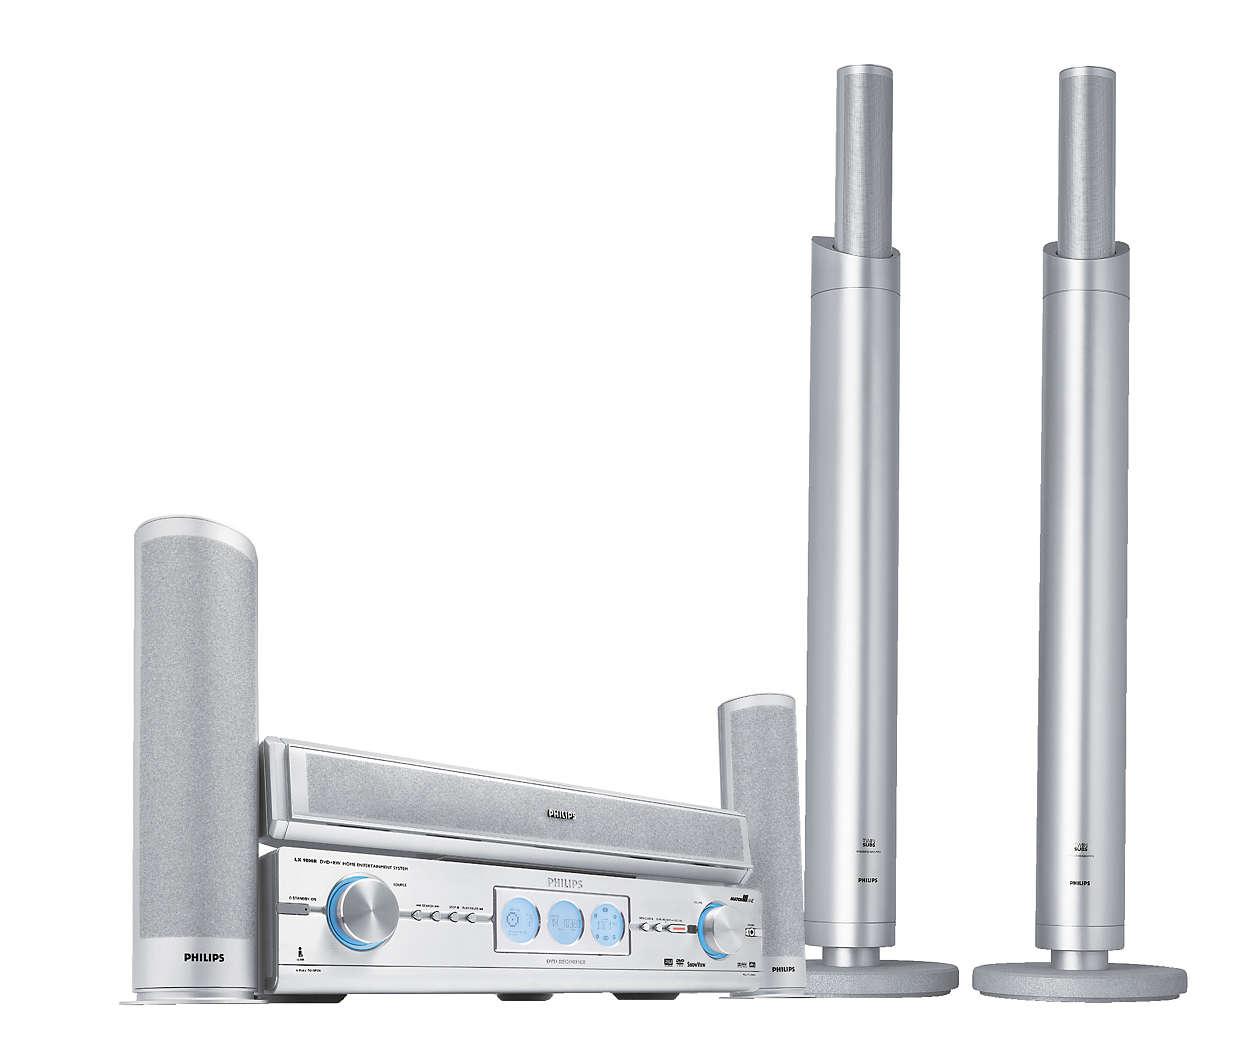 Η πιο σύγχρονη τεχνολογία σε DVD, εγγραφή και ήχο